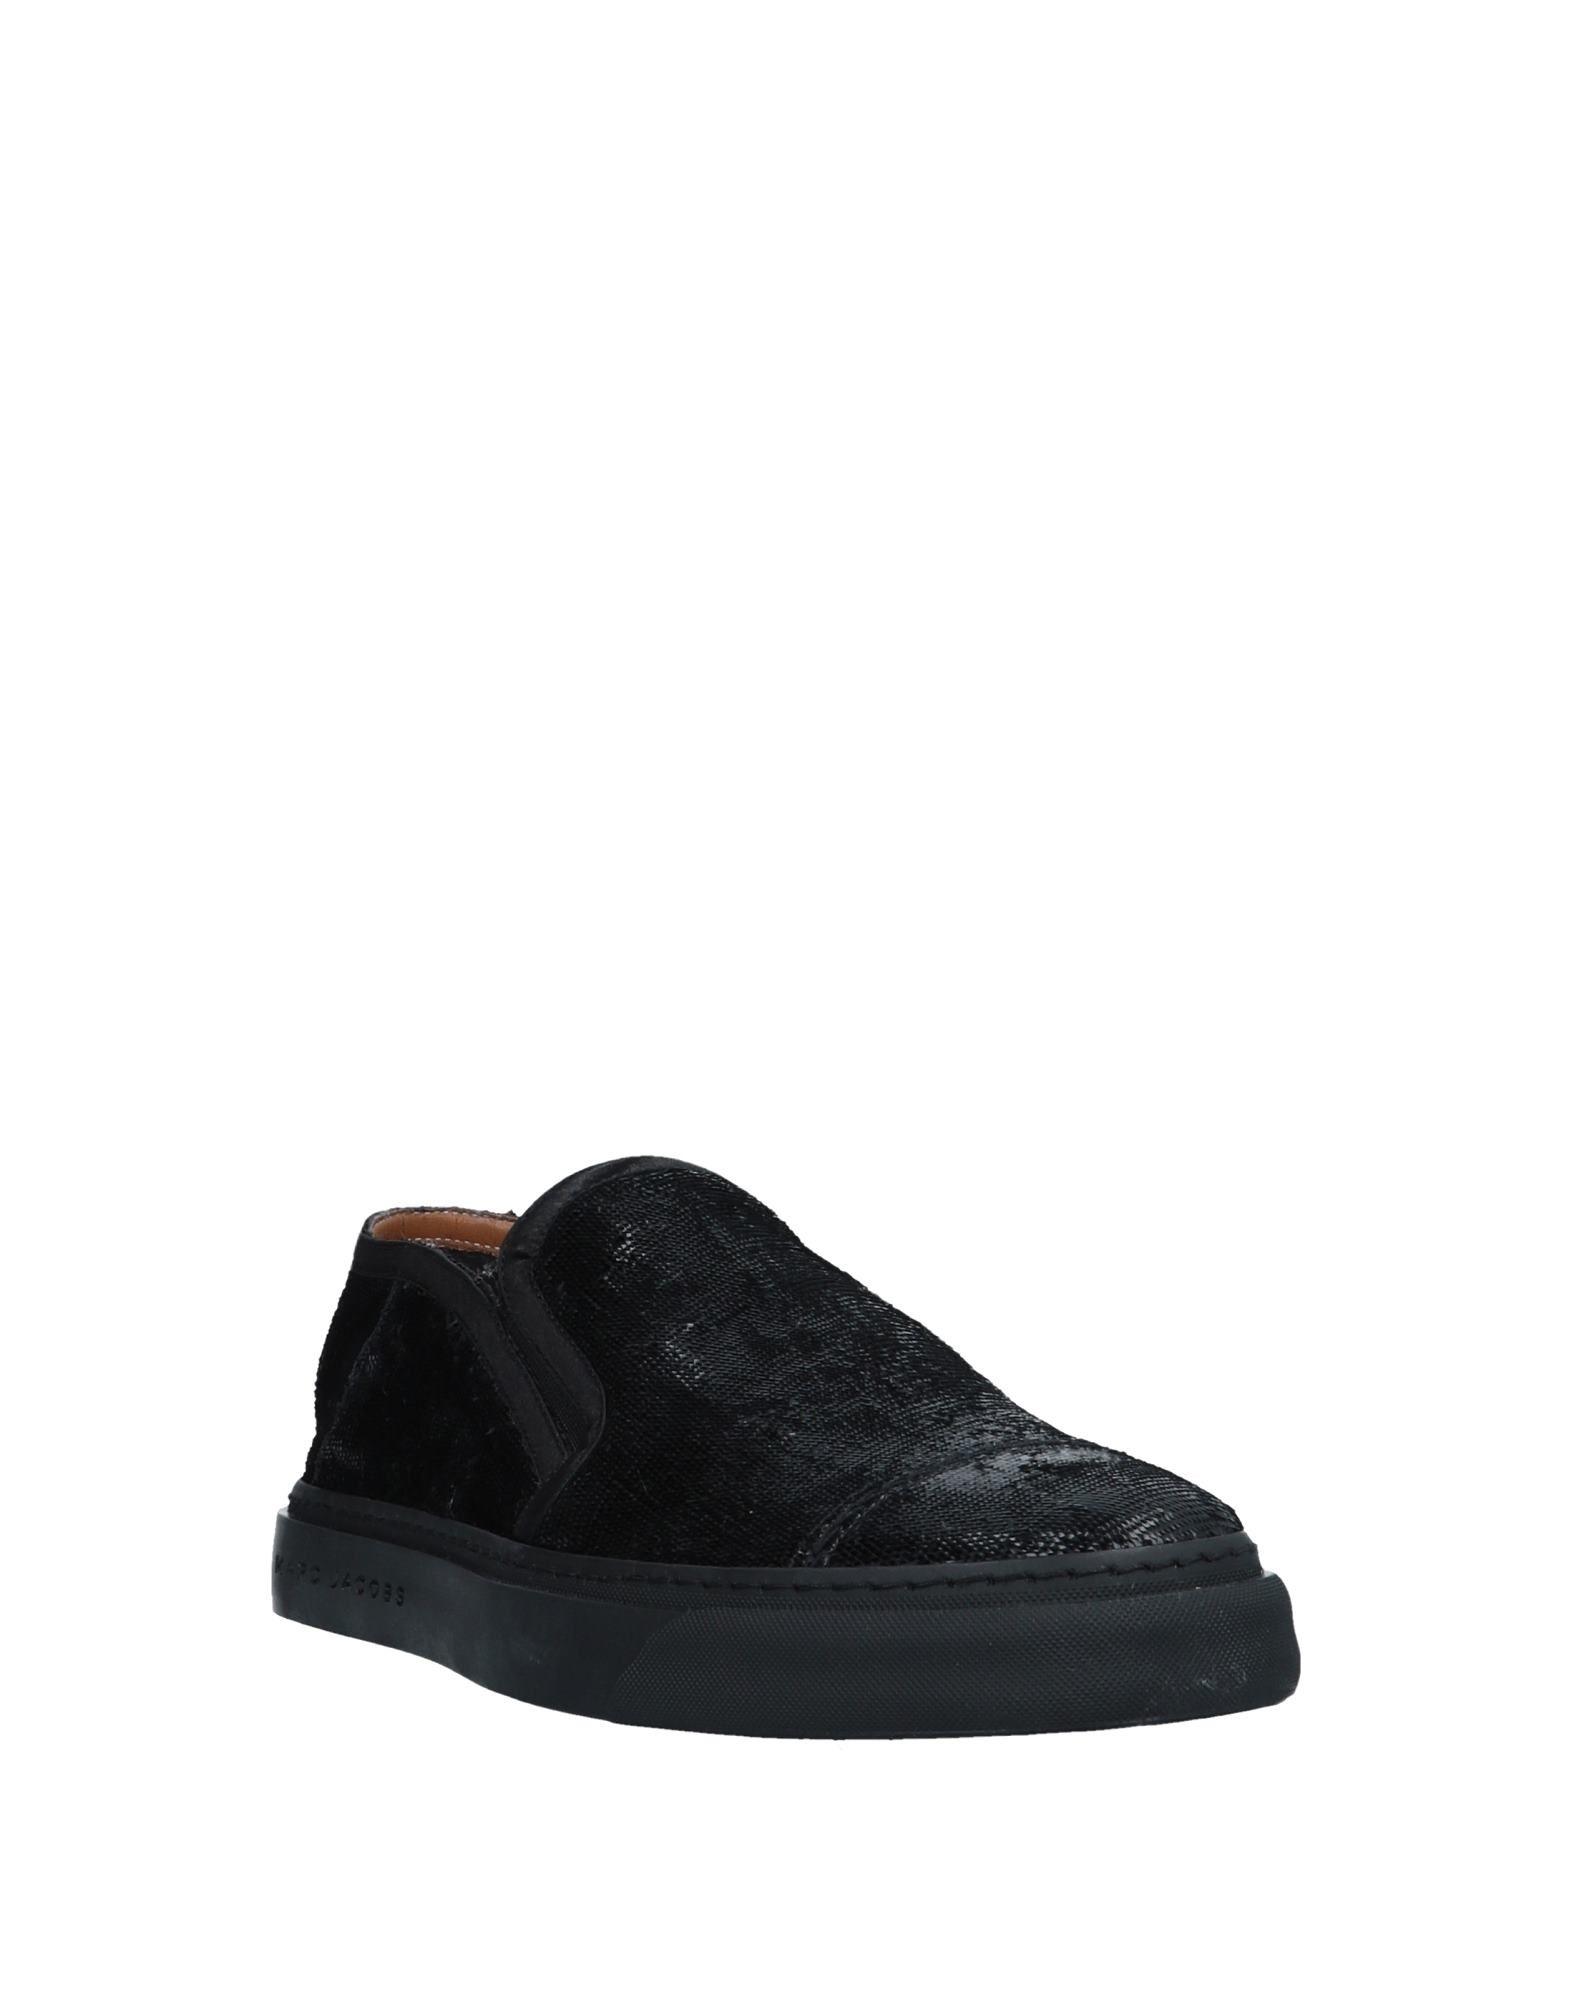 Marc Jacobs Sneakers Herren Herren Sneakers Gutes Preis-Leistungs-Verhältnis, es lohnt sich fdae0f